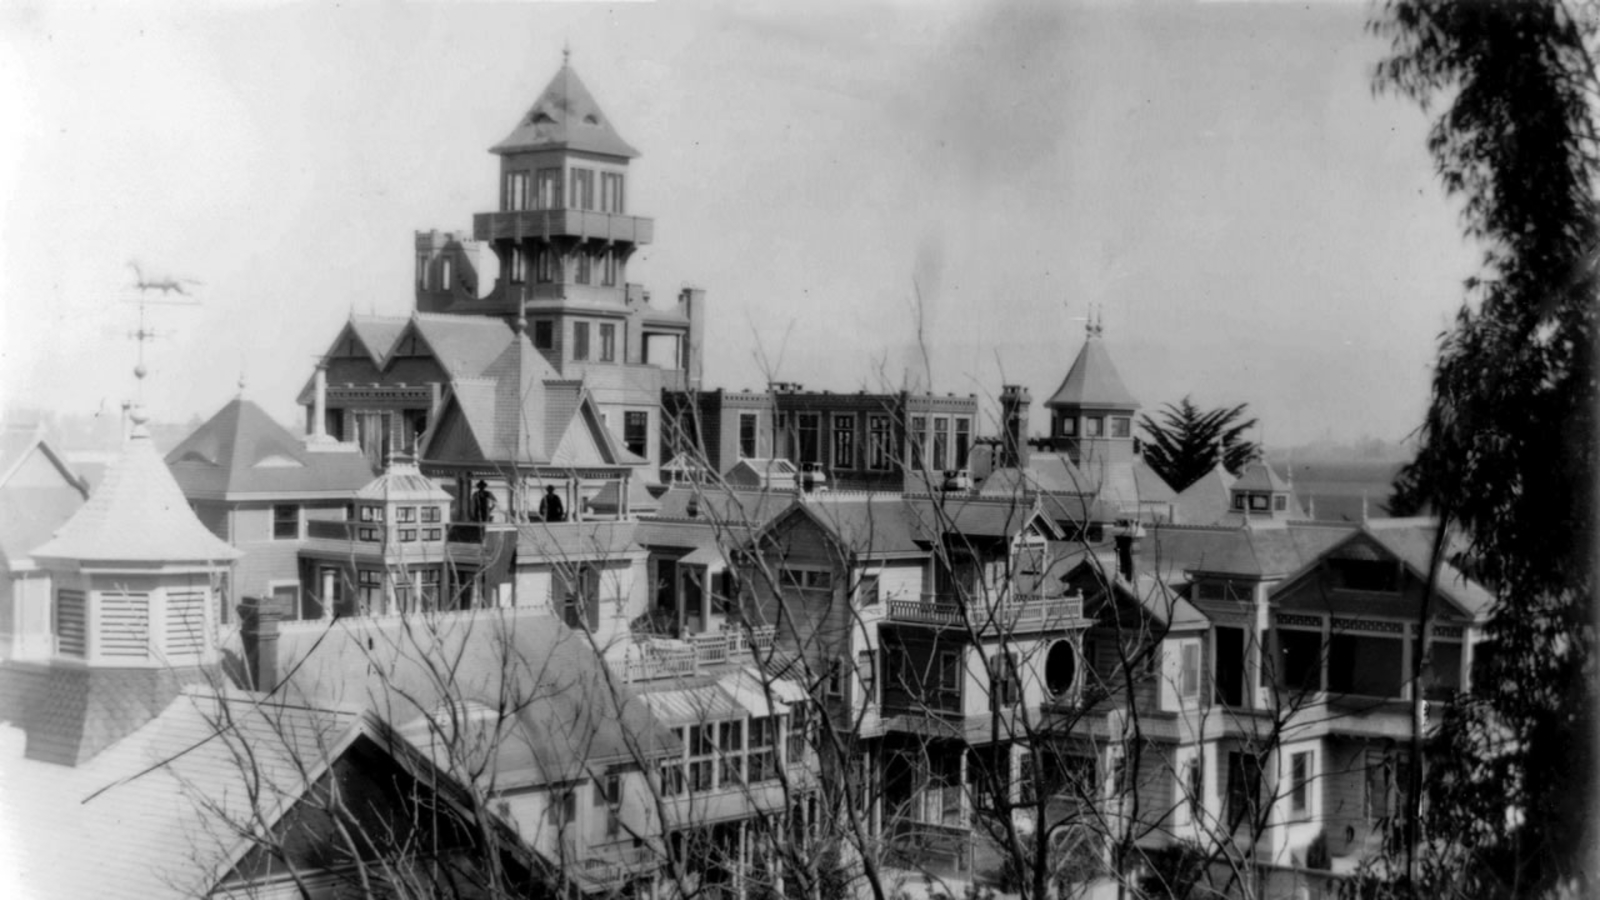 La Winchester House